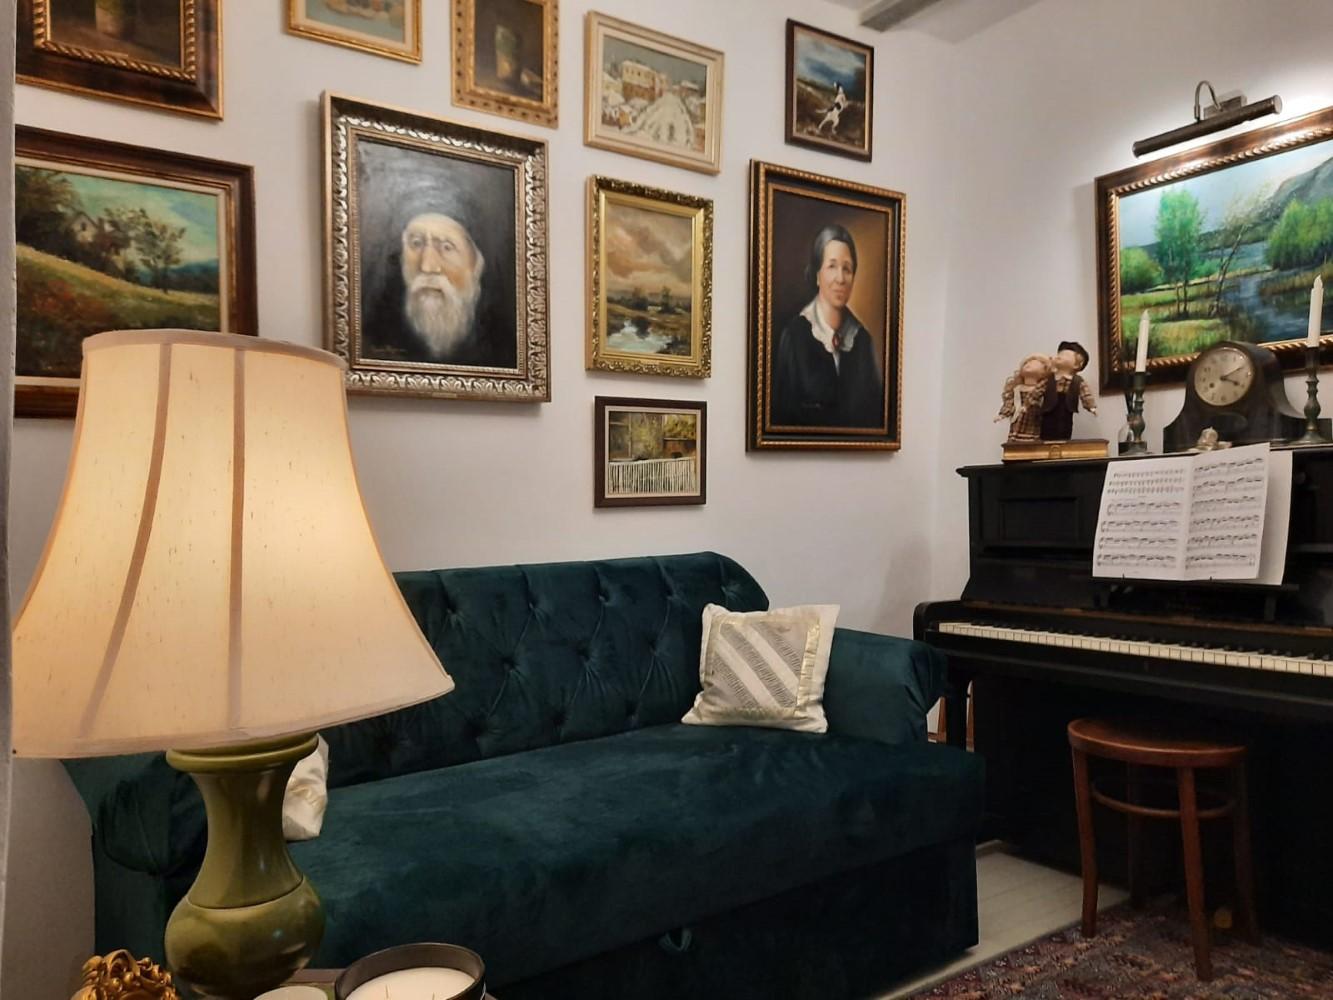 Camera de muzică este ornată cu o parte din tablourile pictate de Sanda